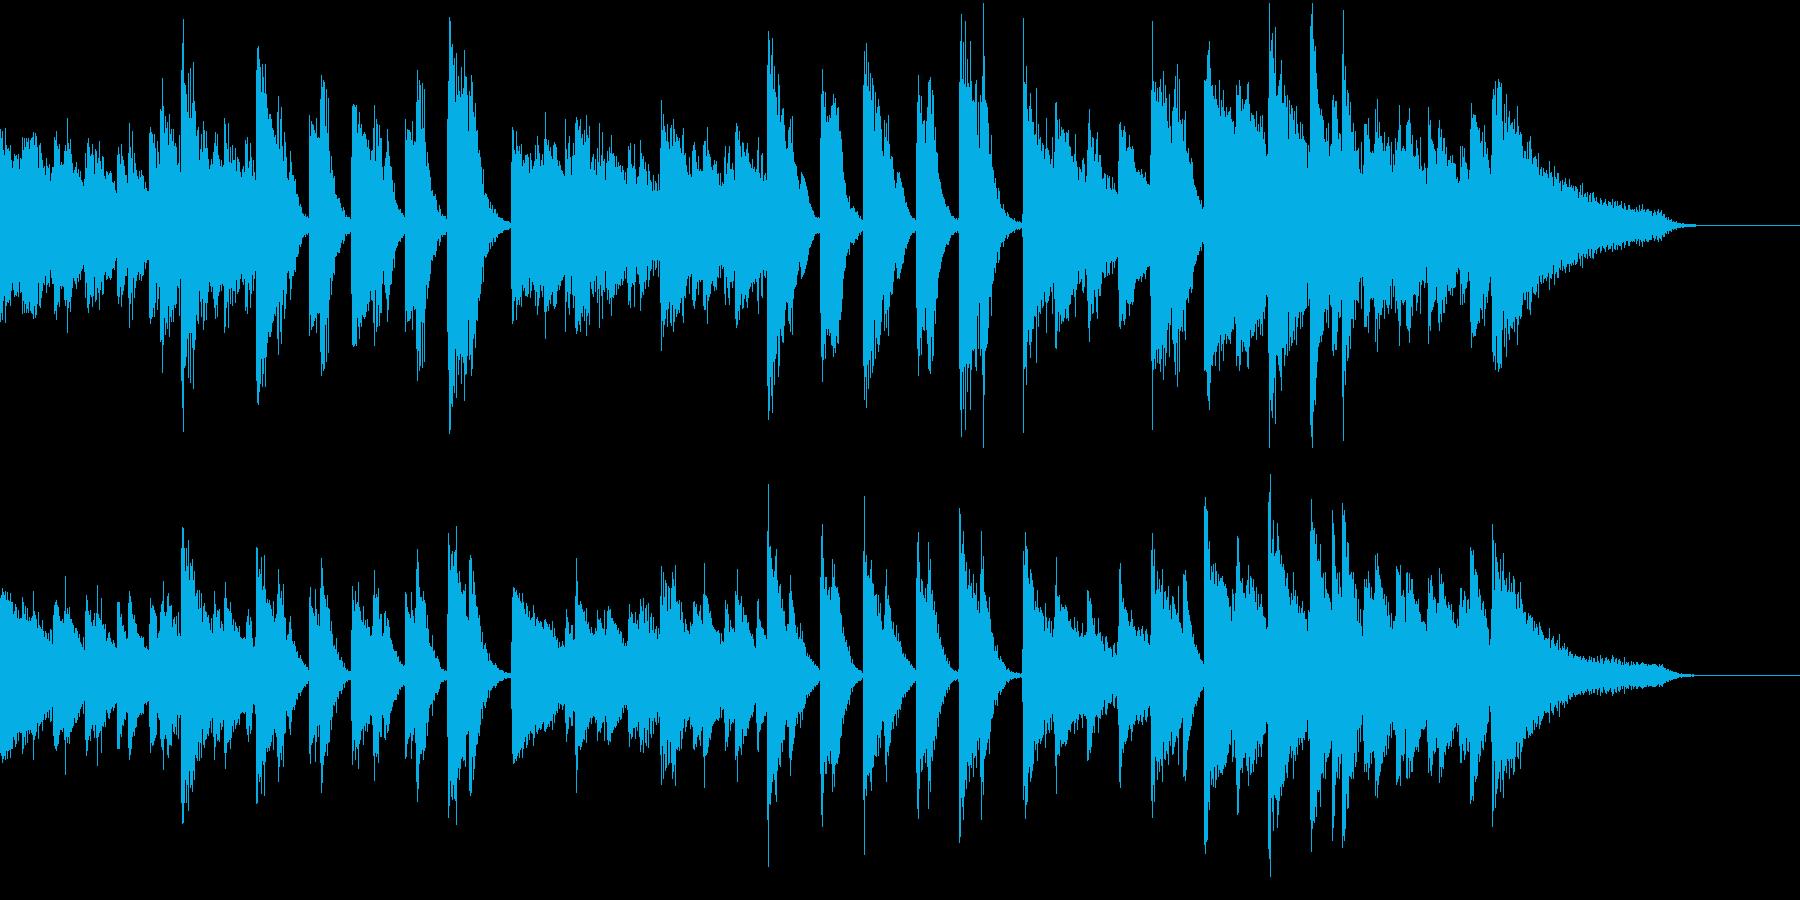 沖縄音階マイナー&クールなピアノジングルの再生済みの波形